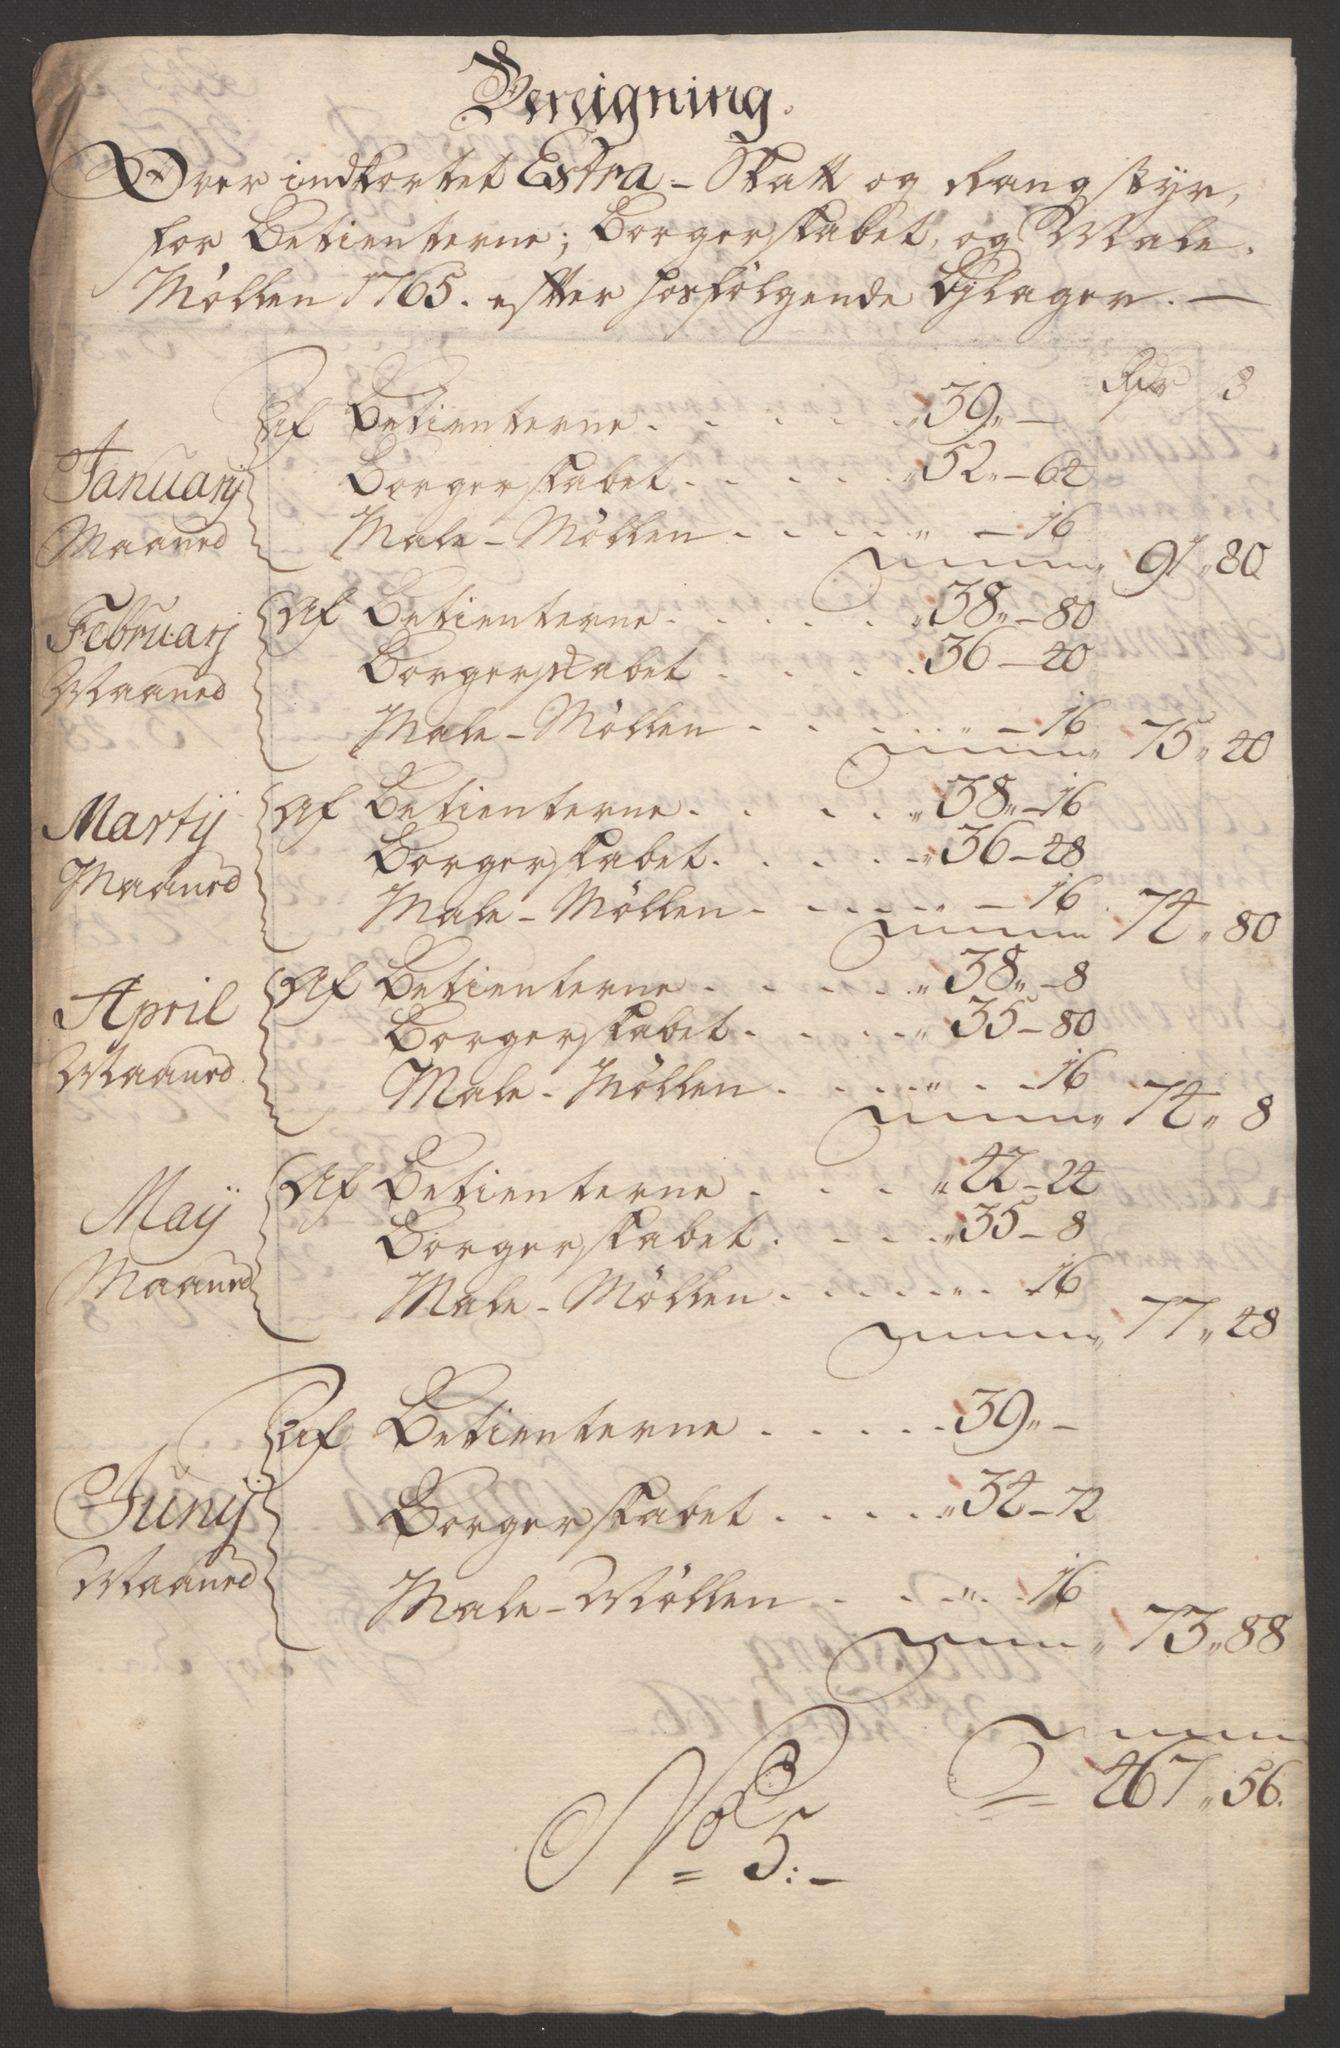 RA, Rentekammeret inntil 1814, Reviderte regnskaper, Bergverksregnskaper, R/Rc/Rca/L0843: Ekstraskatt, 1762-1765, s. 872